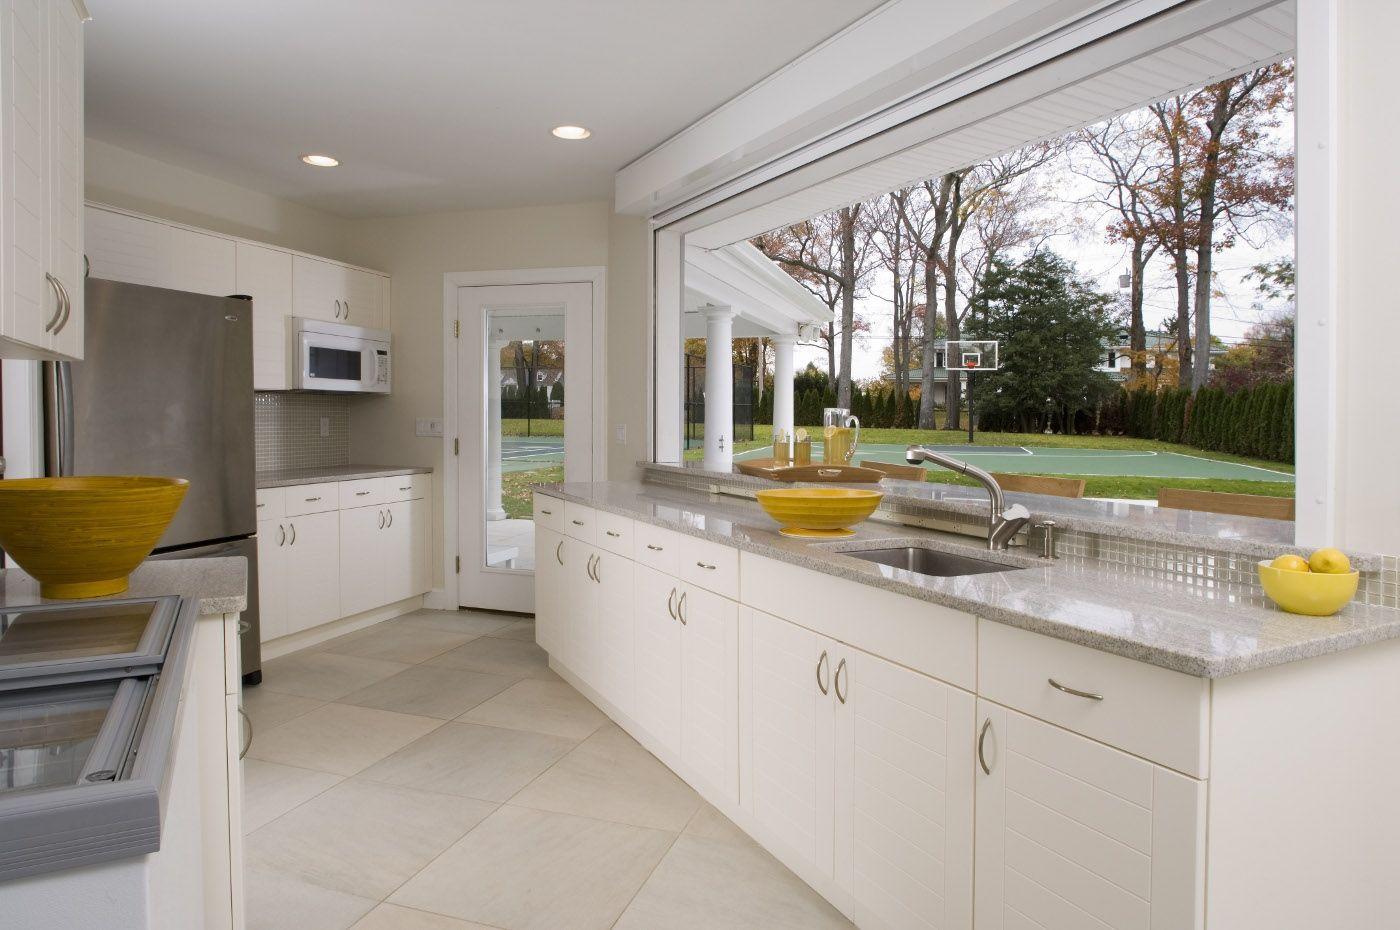 Full Size Of Kitchen Enchanting Indoor Outdoor Kitchen Stainless Steel Refrigerator Nickel Kitchen Faucet Stainless Indoor Outdoor Kitchen Kitchen Indoor Outdoor